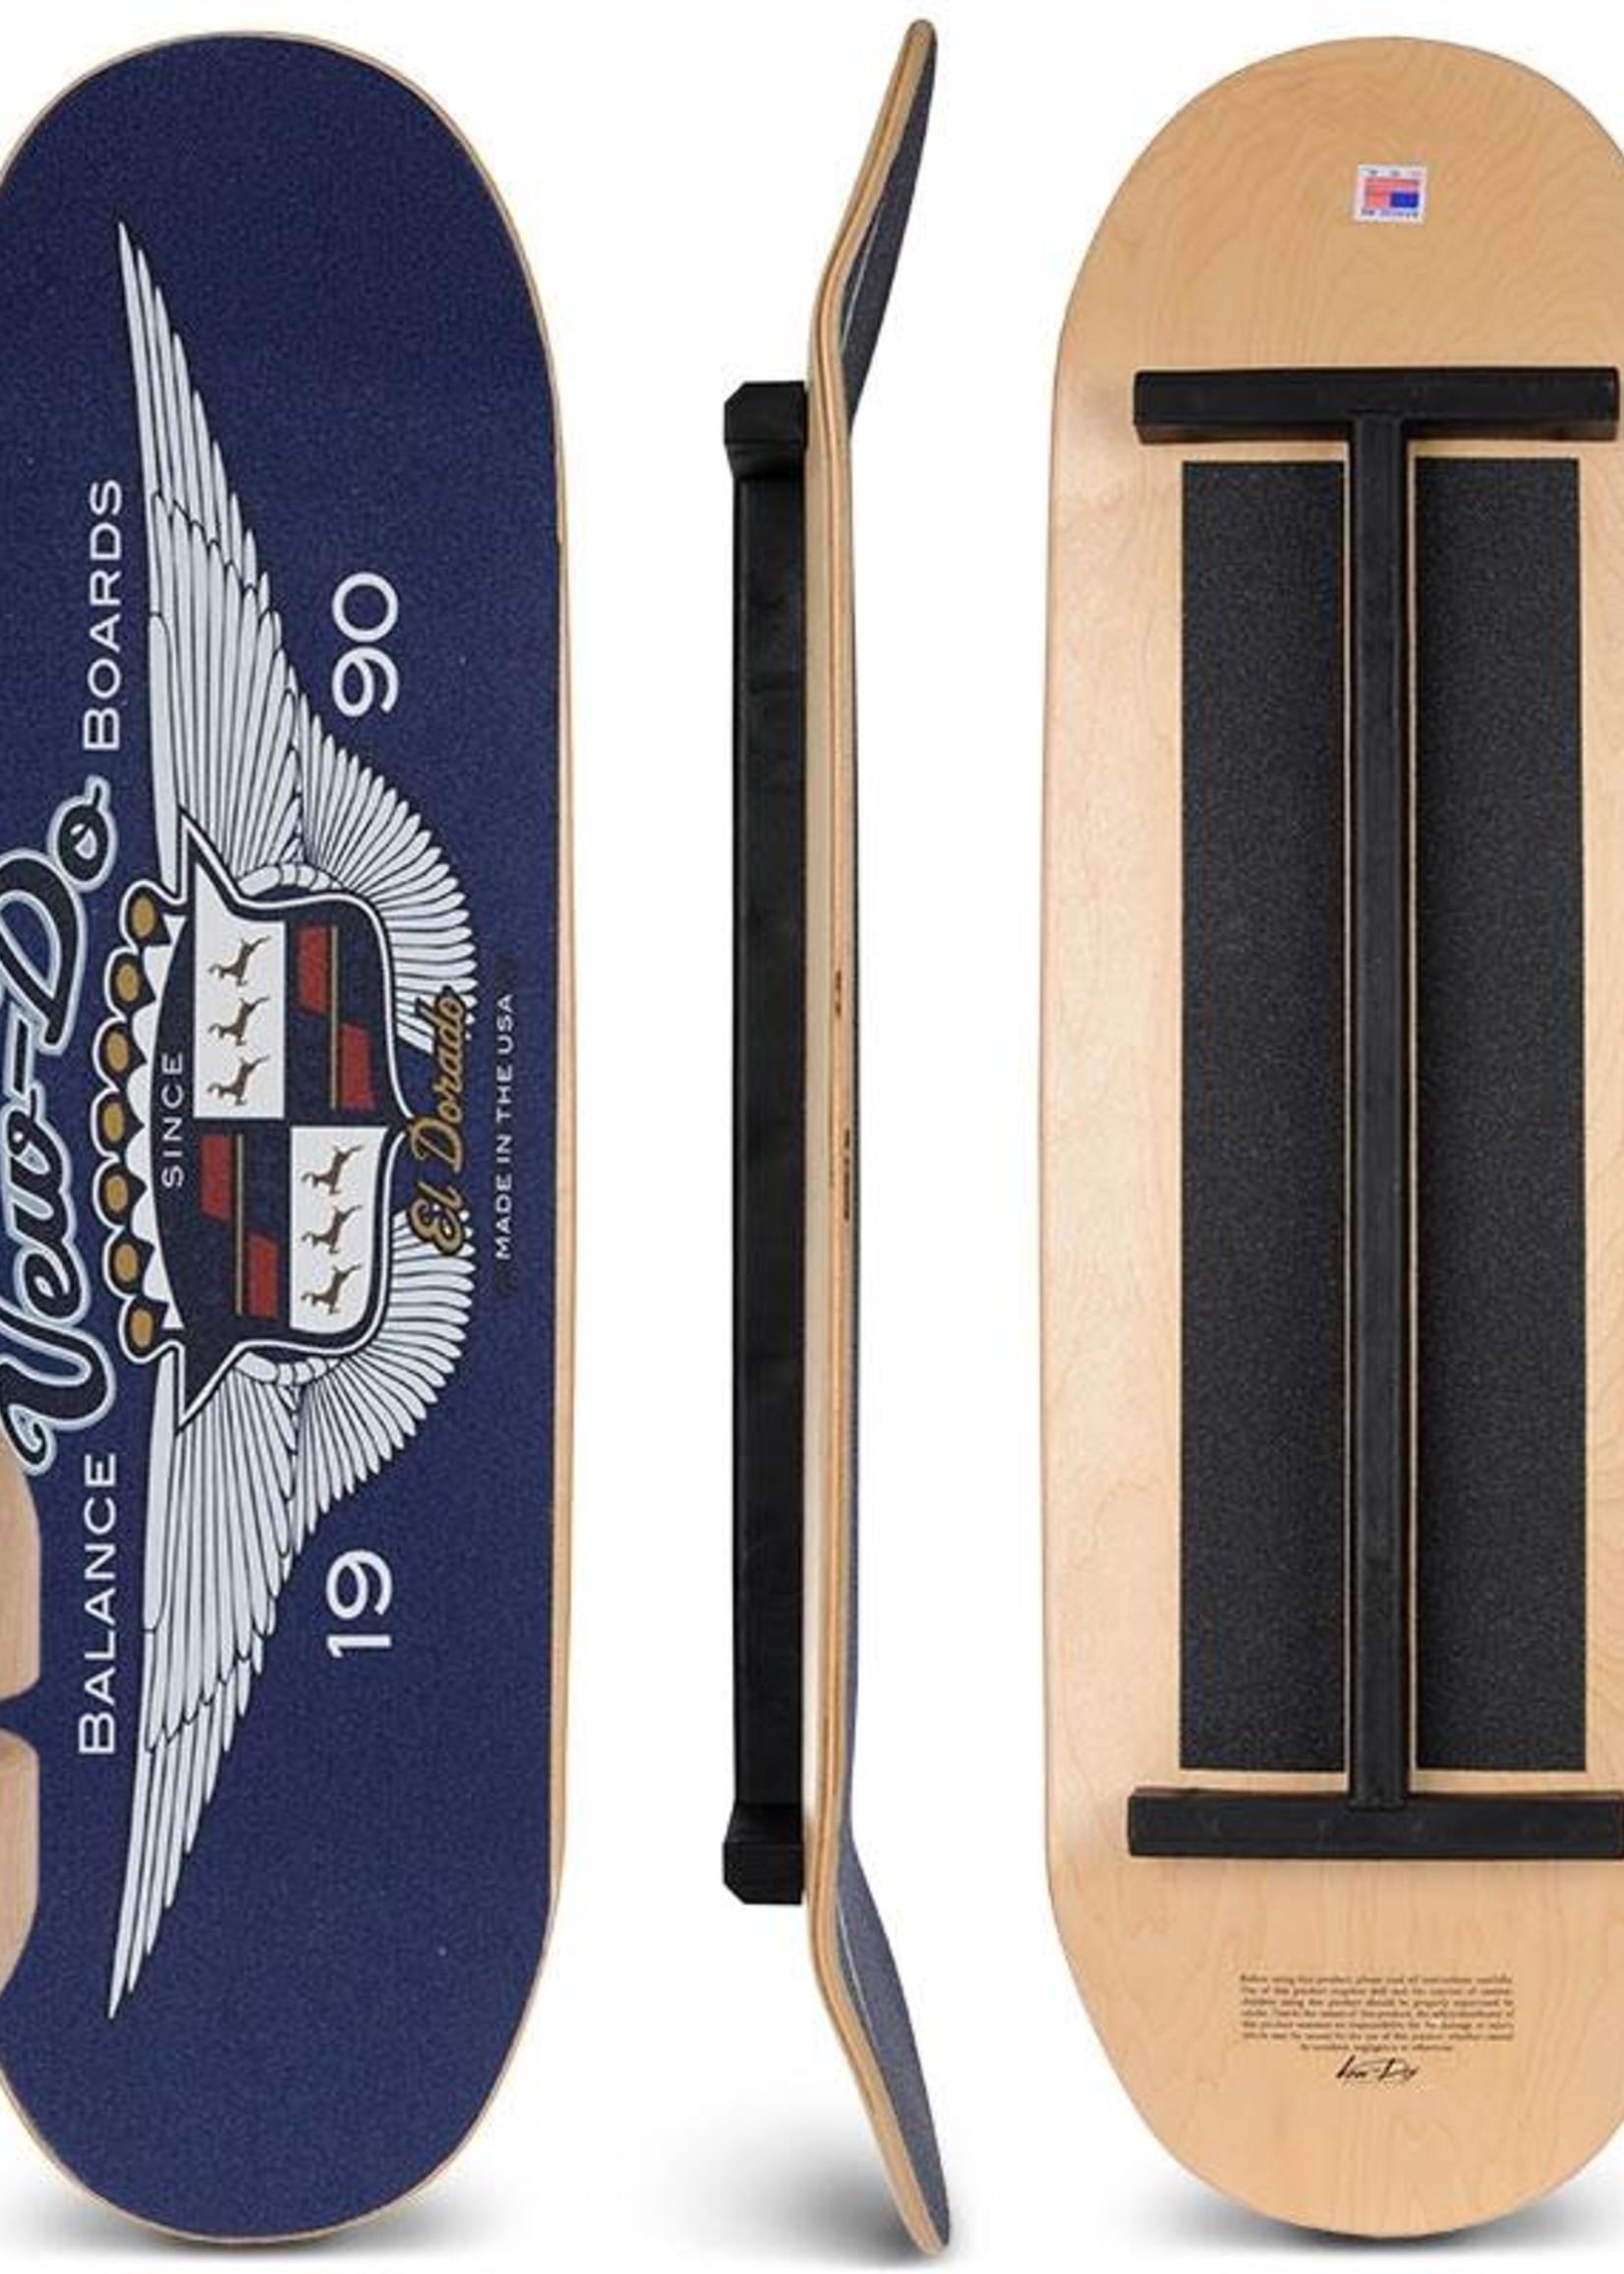 Vew-Do Vew-Do El Dorado Blue Balancetrainer für Fortgeschrittene